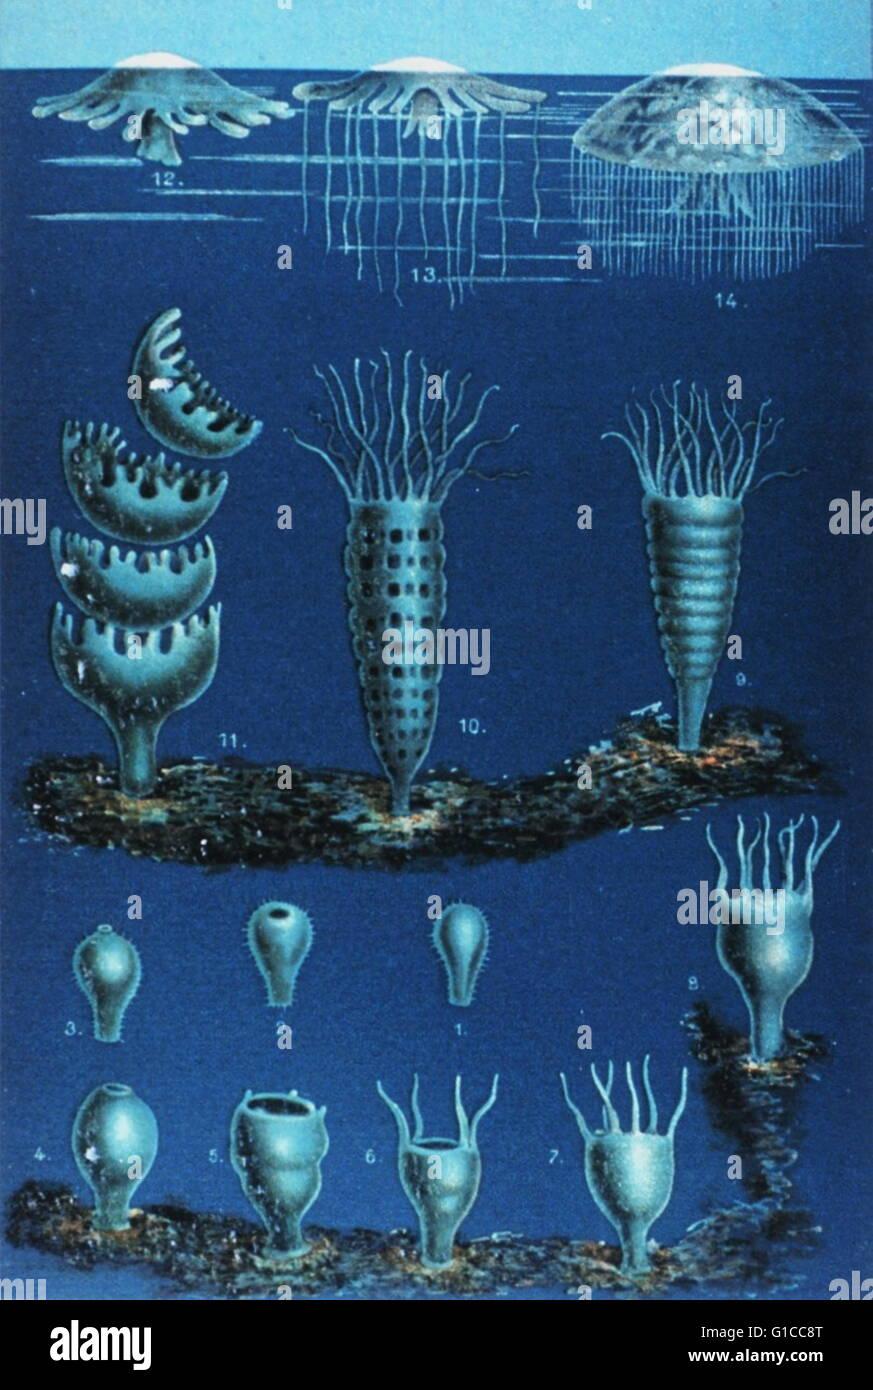 Die Entwickelung der Meduse 1888 in Das Meer by M. J. Schleiden, 1804-1881 - Stock Image